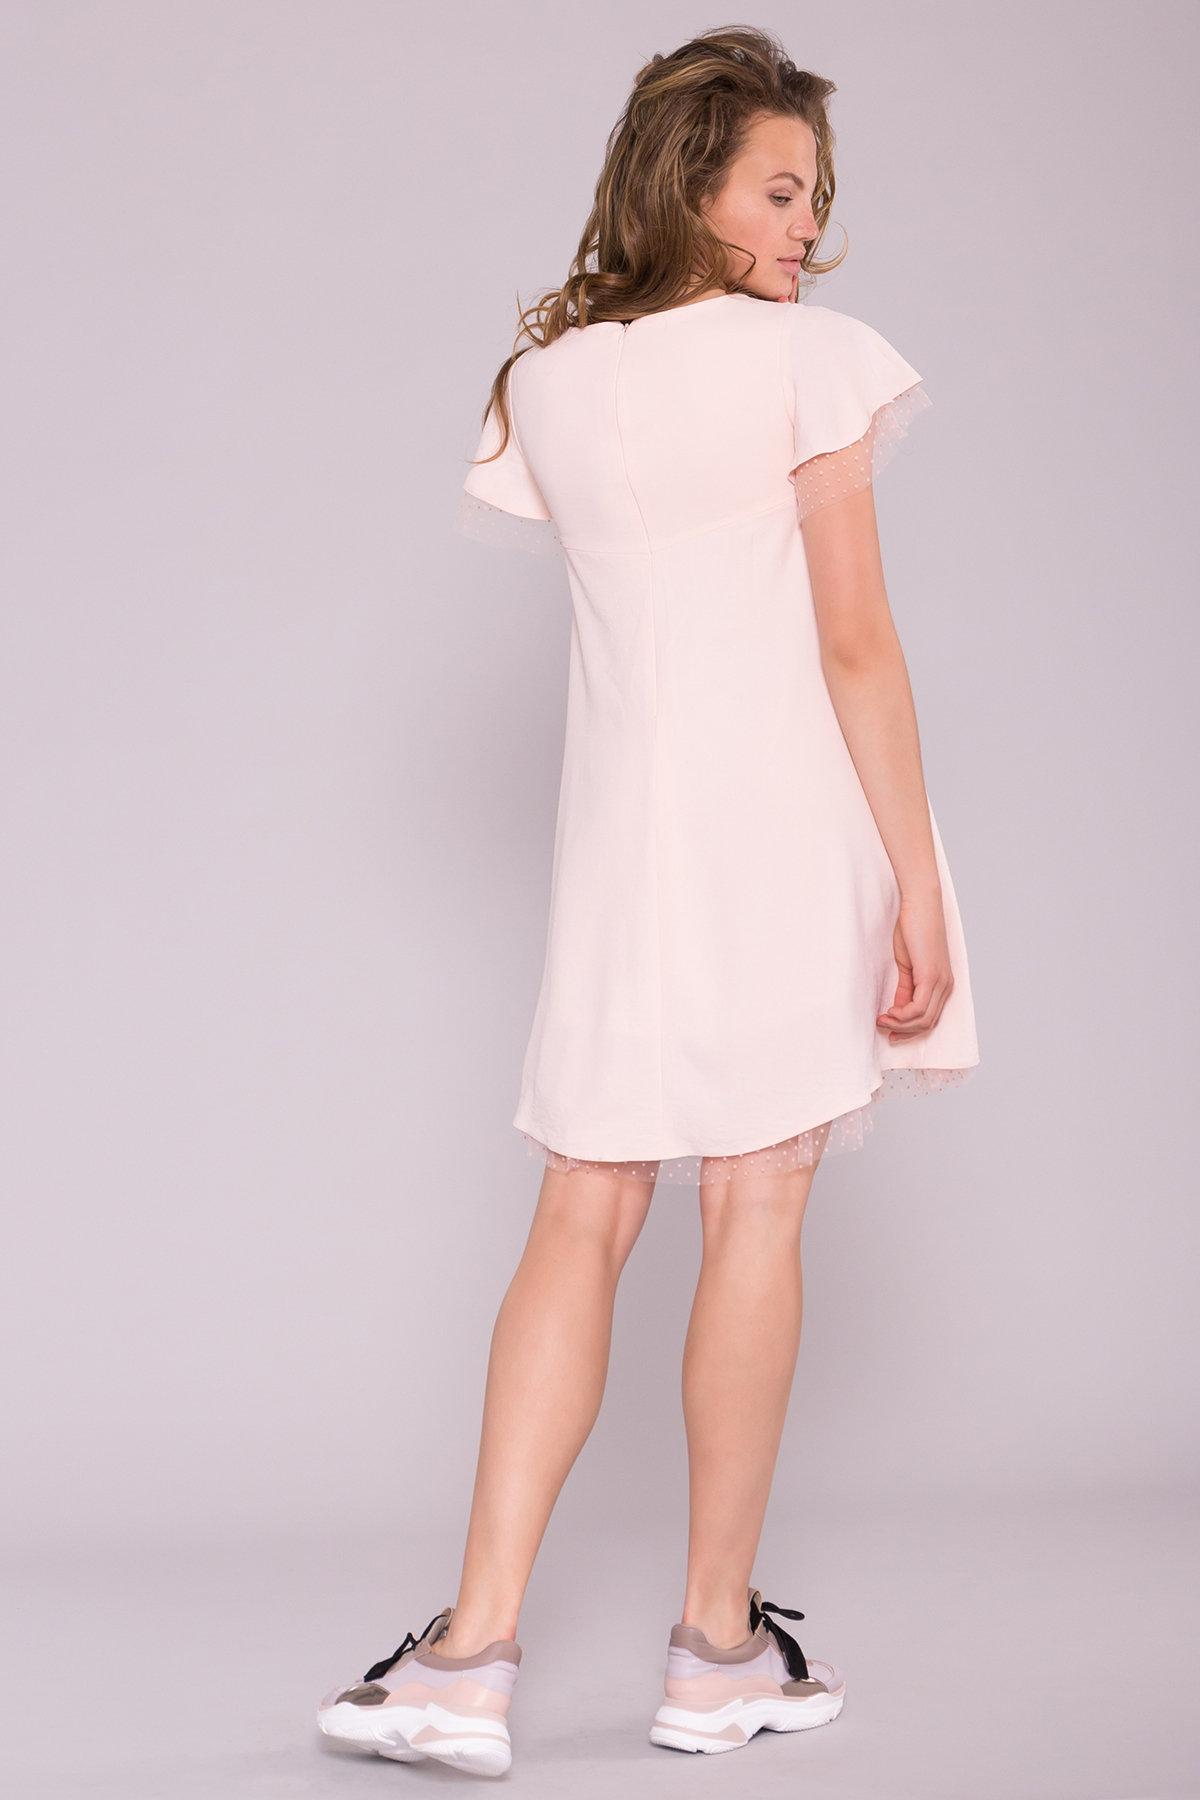 Платье Романтик 7154 АРТ. 42562 Цвет: Пудра 3 - фото 2, интернет магазин tm-modus.ru